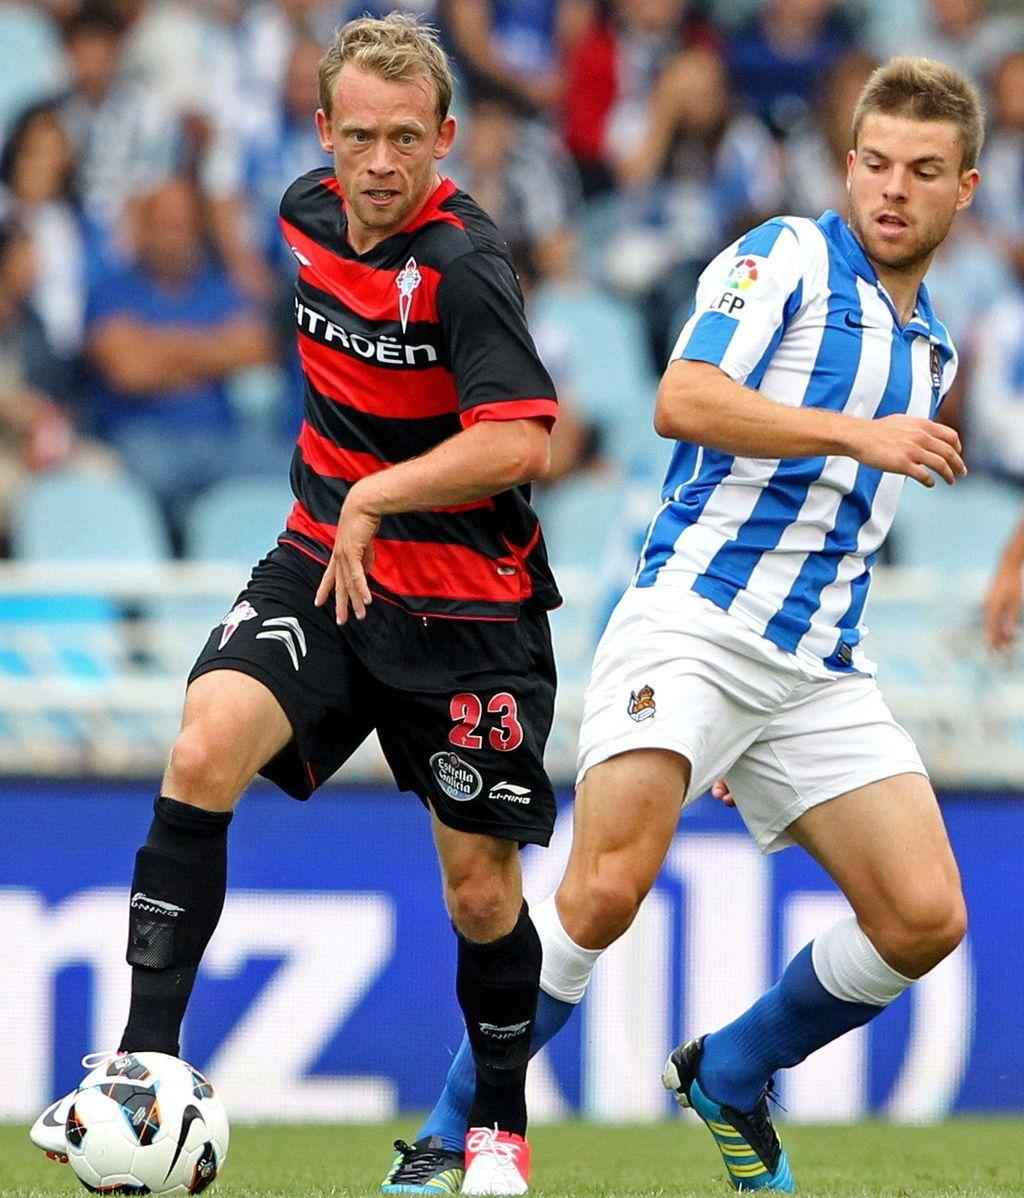 Real Sociedad 2 - 1 Celta de Vigo